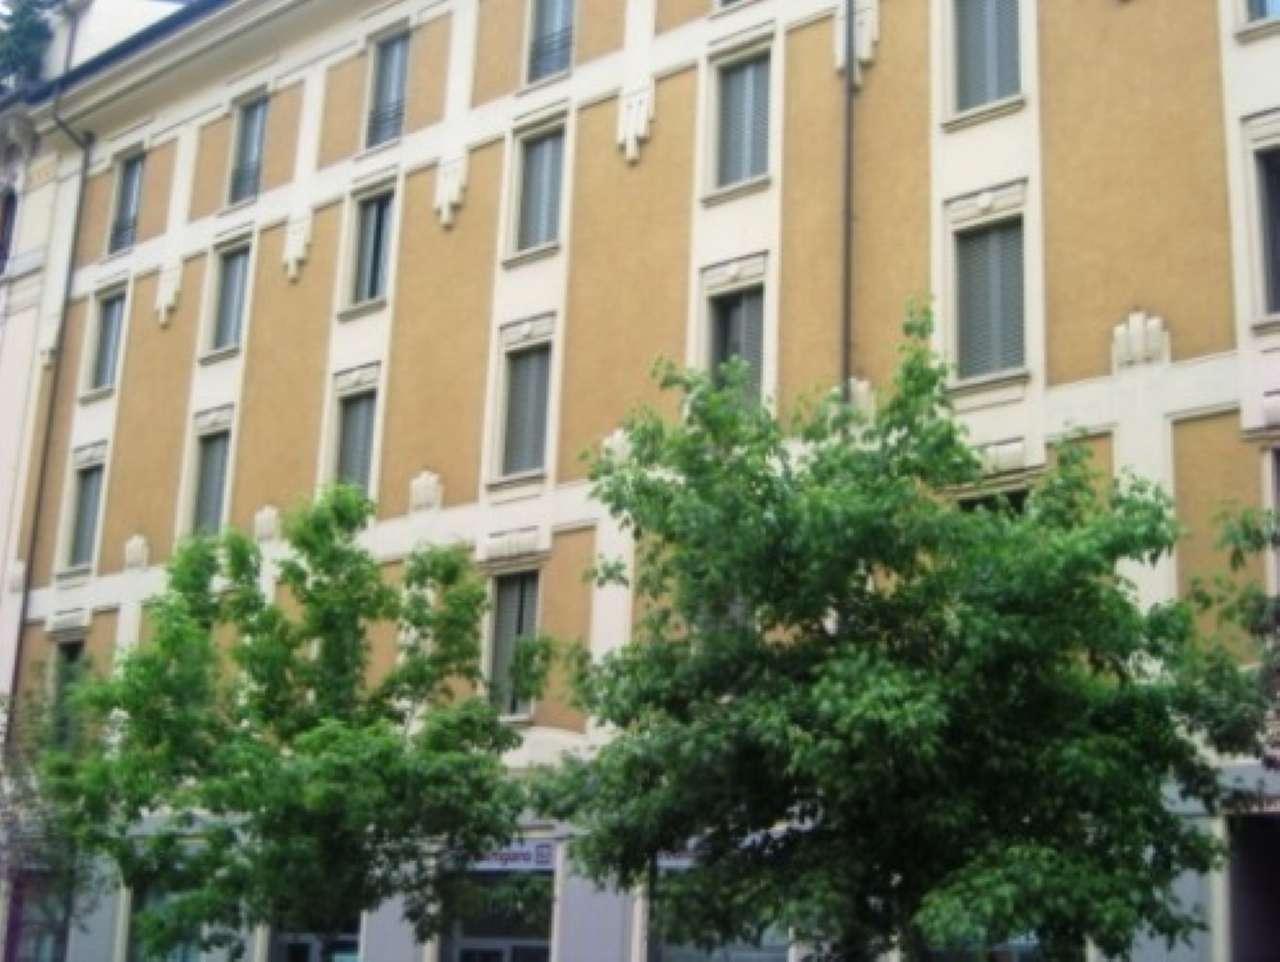 Attico in Affitto a Milano 08 Vercelli / Magenta / Cadorna / Washington: 4 locali, 90 mq